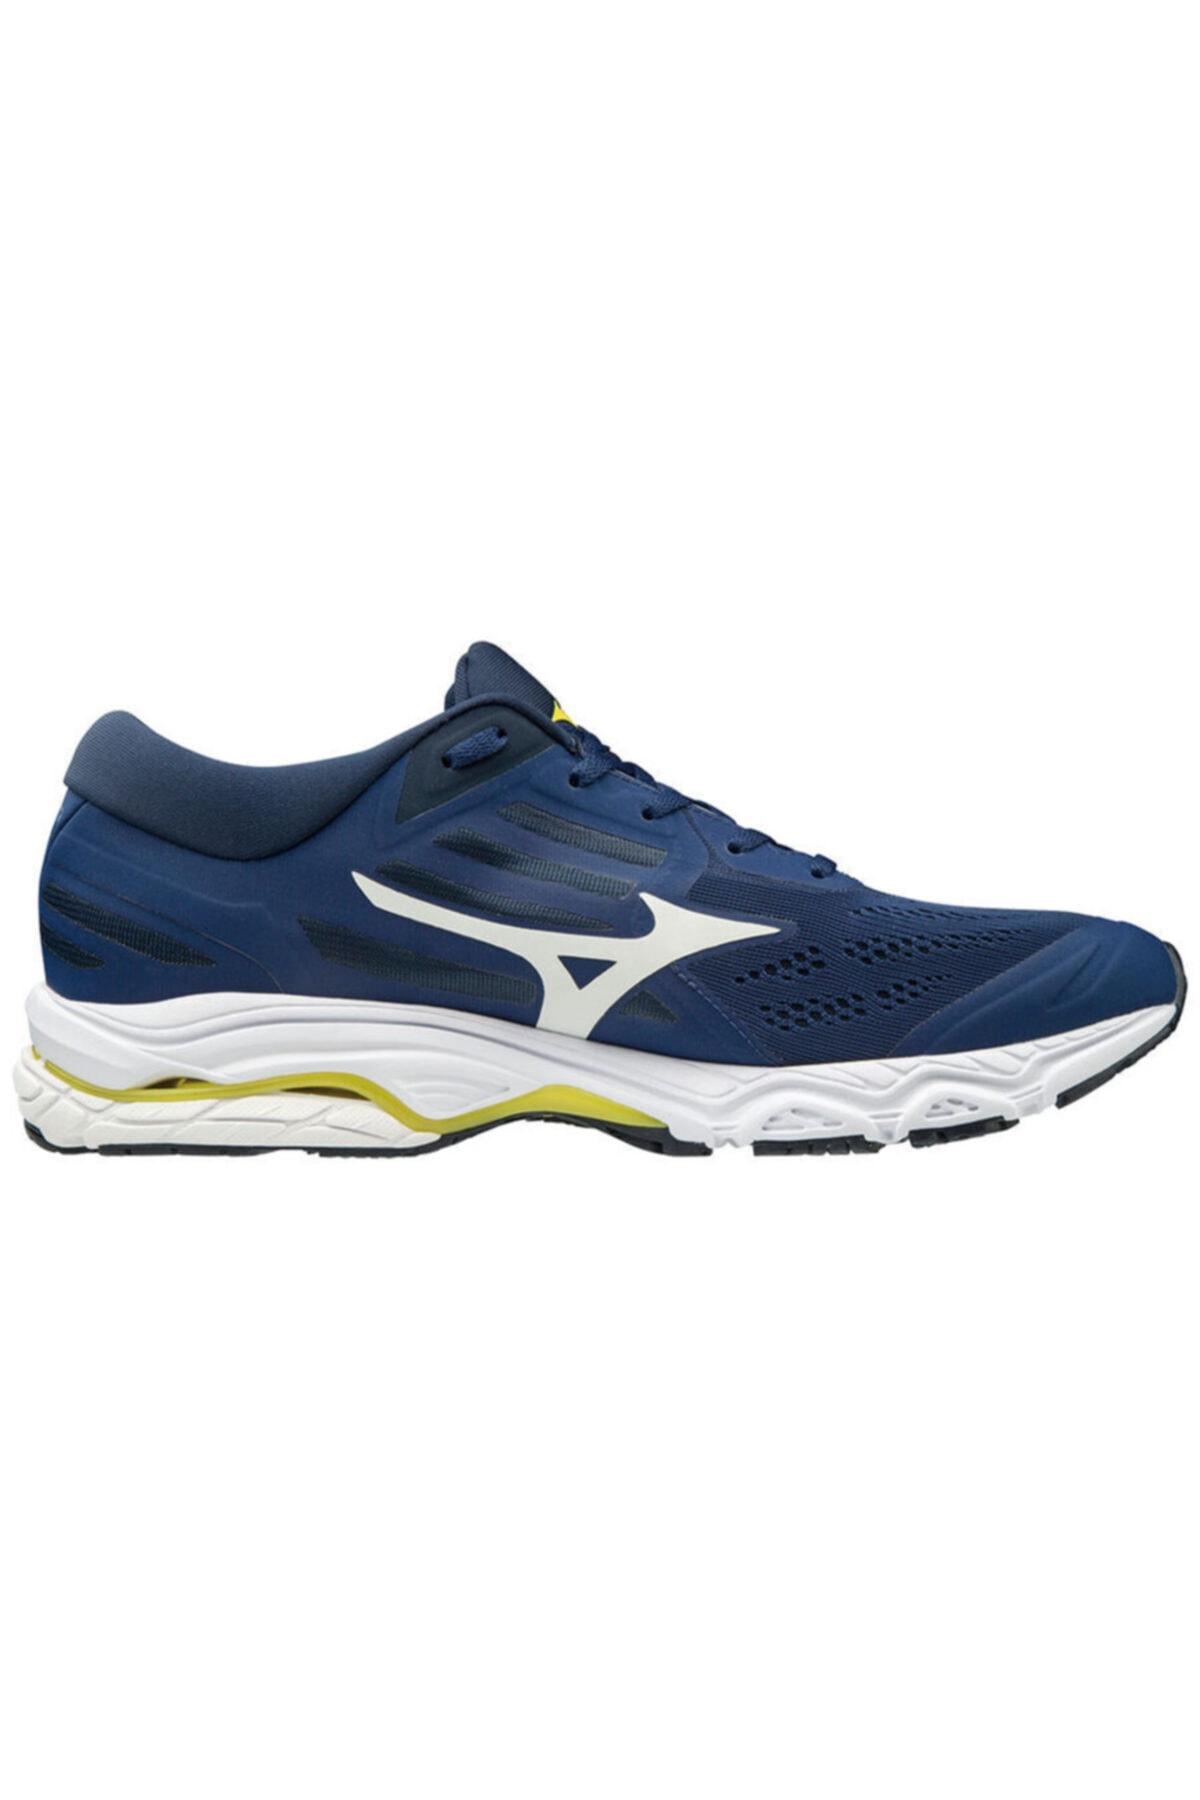 MIZUNO Erkek Lacivert Koşu Ayakkabısı J1gc191902 2